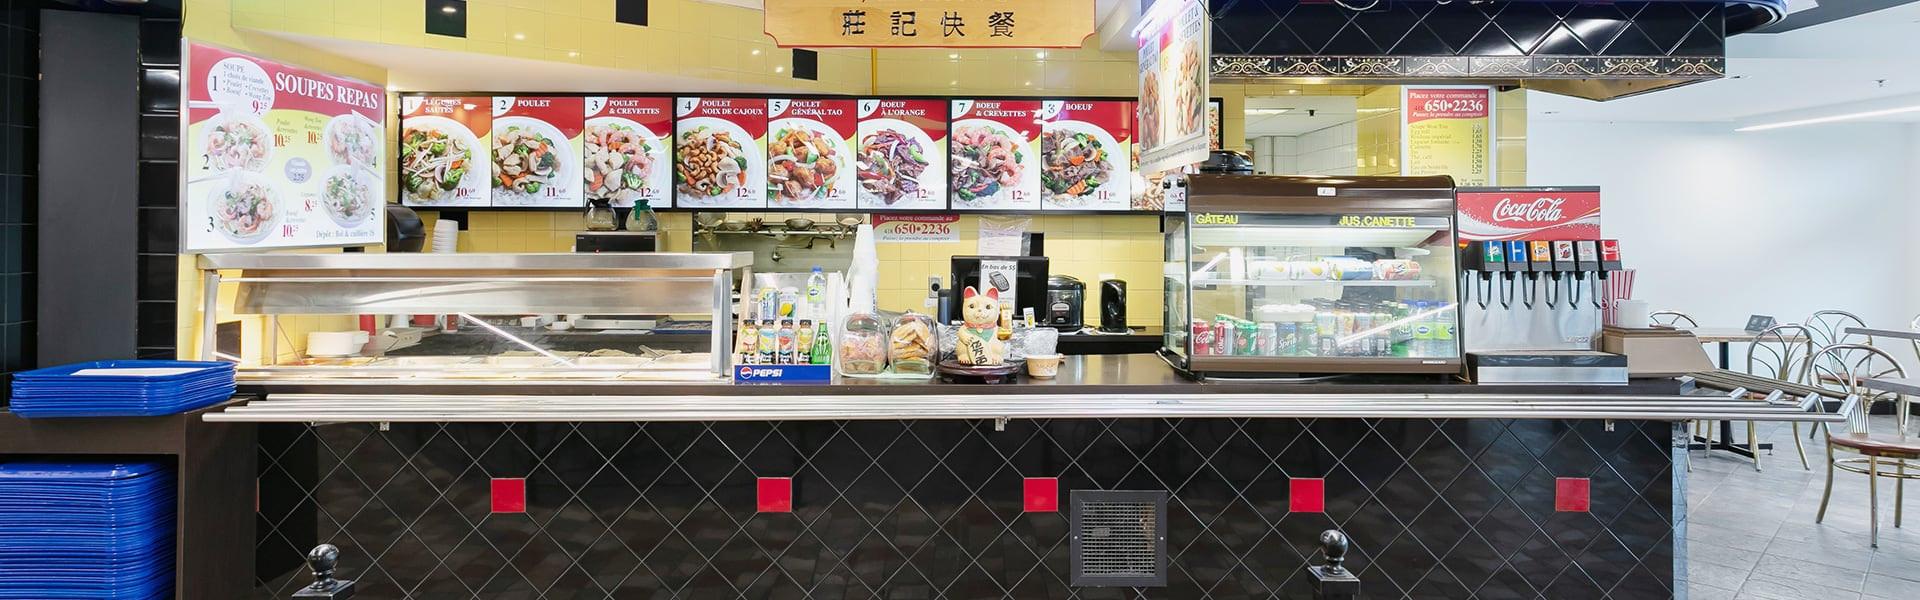 Chong Kee Express | Place de la Cité